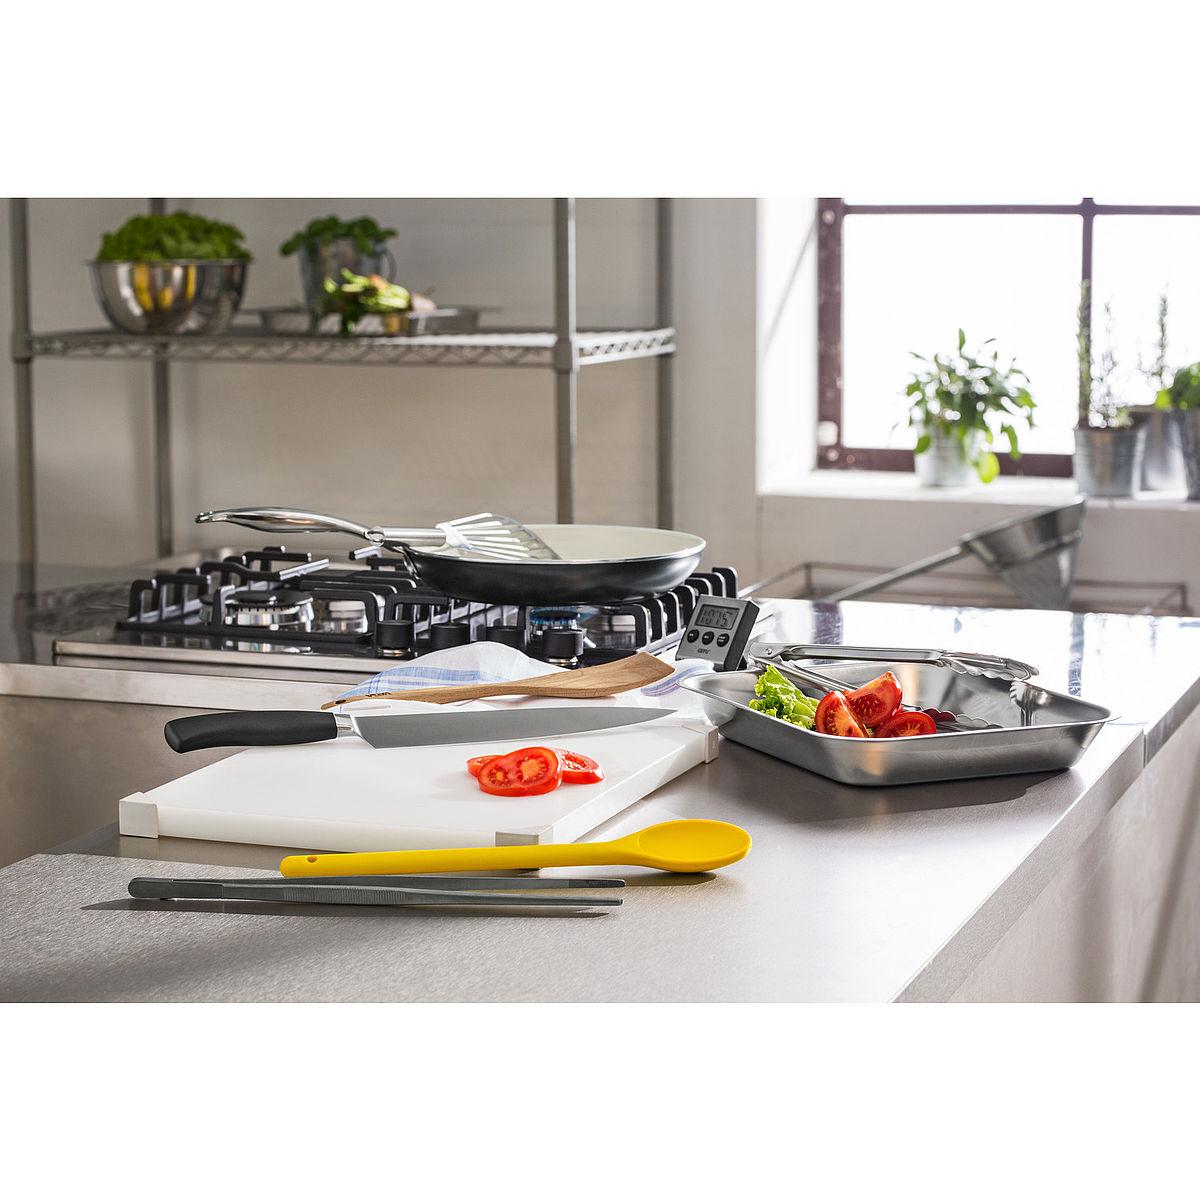 Full Size of Küchen Aufbewahrungsbehälter Basishygiene Und Hygienevorschrift Gastro Kche Academy Küche Regal Wohnzimmer Küchen Aufbewahrungsbehälter